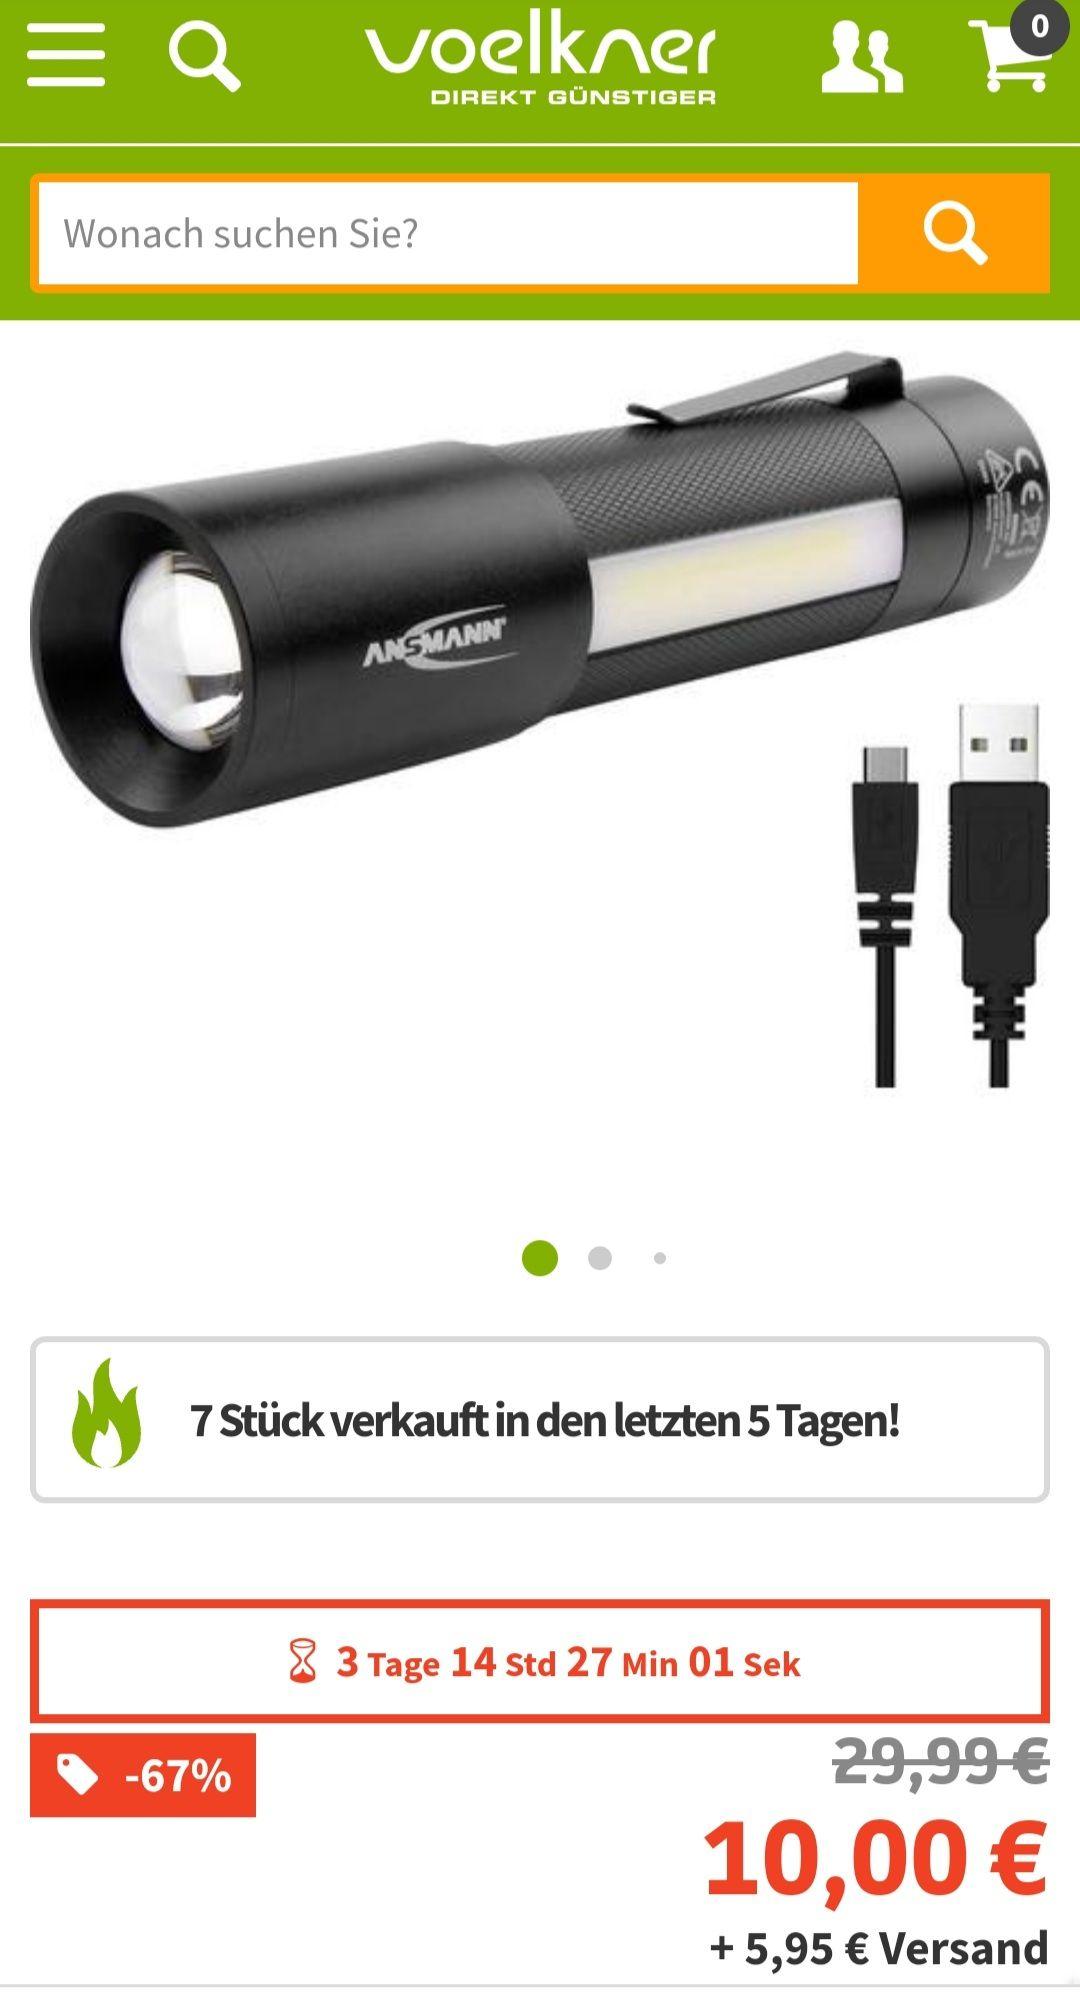 Ansmann 1600-00248 Taschenlampe mit Gürtelclip, mit Handschlaufe 340g und Schnäppchen für nur 10 €, 15 € oder 20 € bis 08.03.